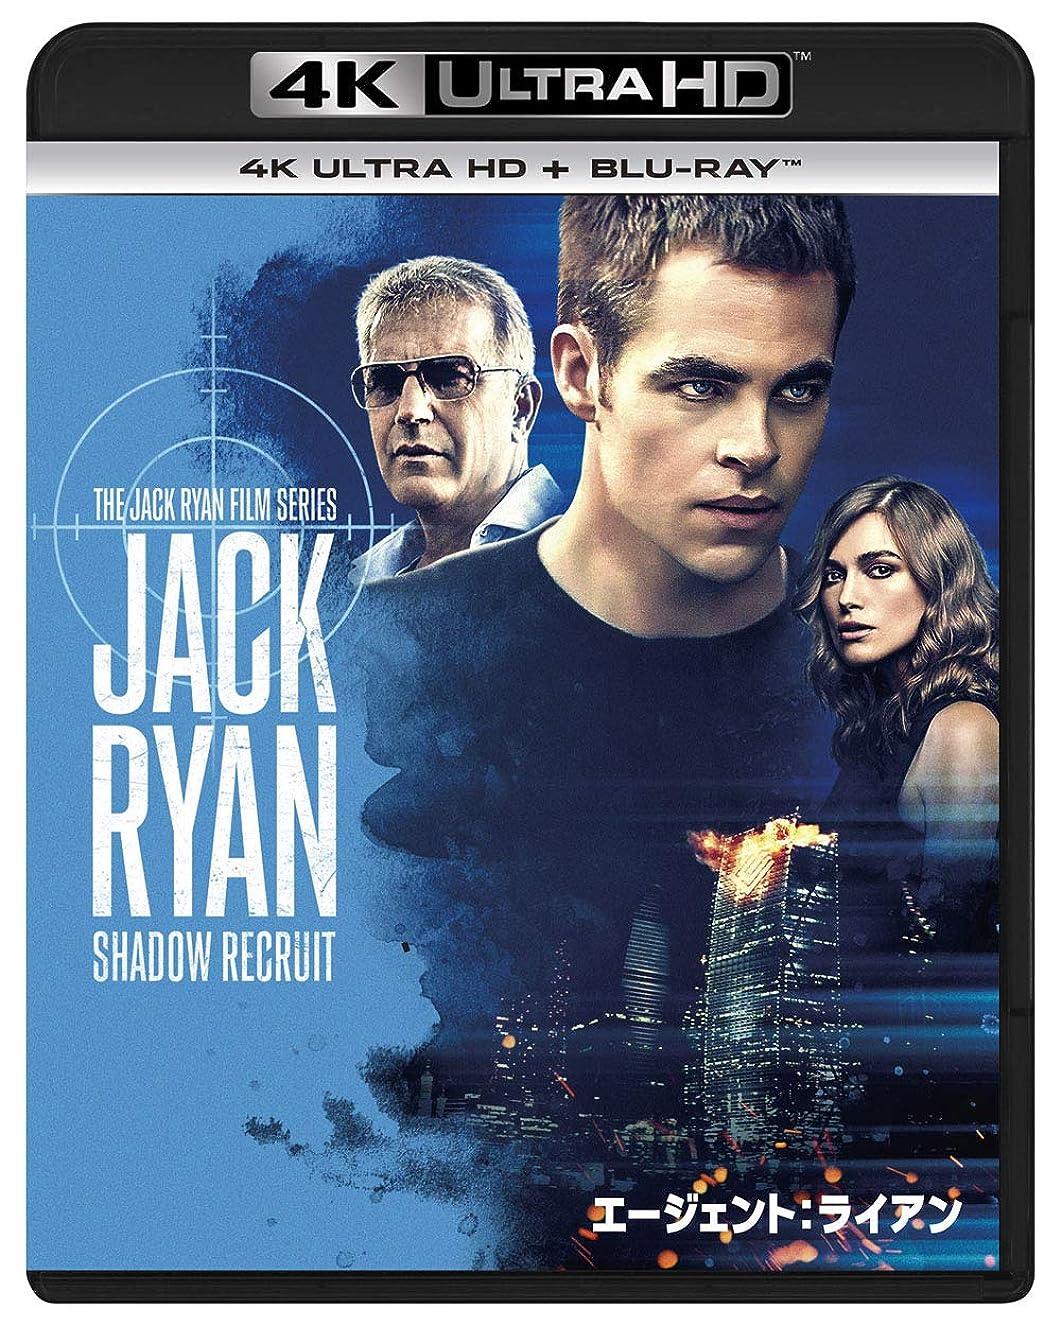 スムーズにレーザエンドテーブルエージェント:ライアン (4K ULTRA HD + Blu-rayセット)[4K ULTRA HD + Blu-ray]